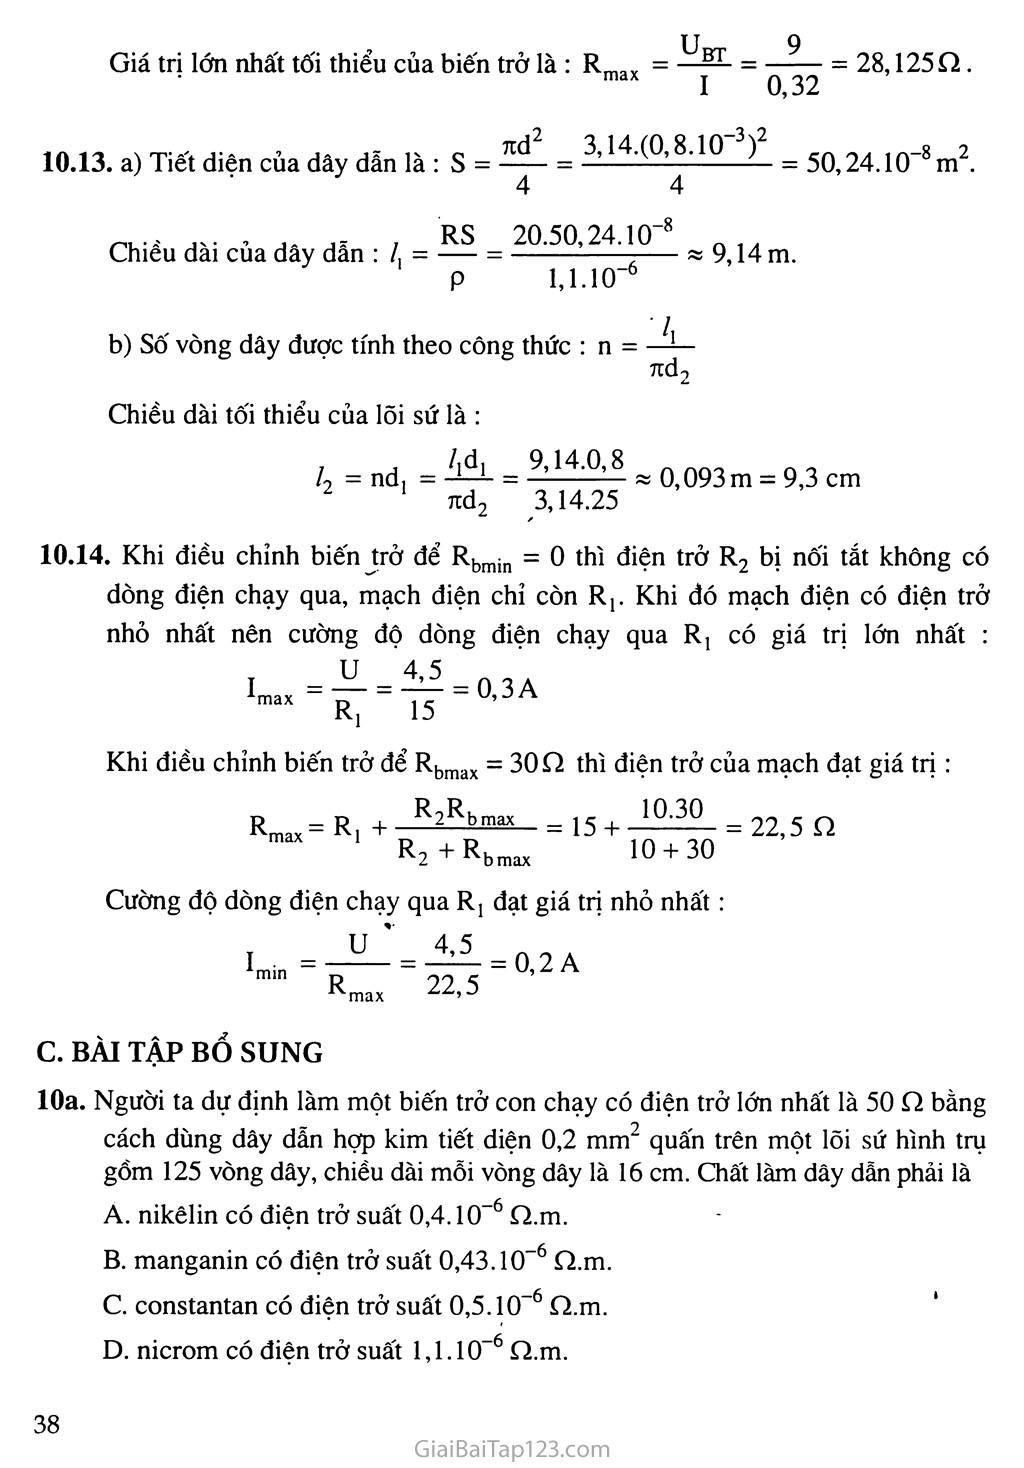 Bài 10: Biến trở - Điện trở dùng trong kĩ thuật trang 4